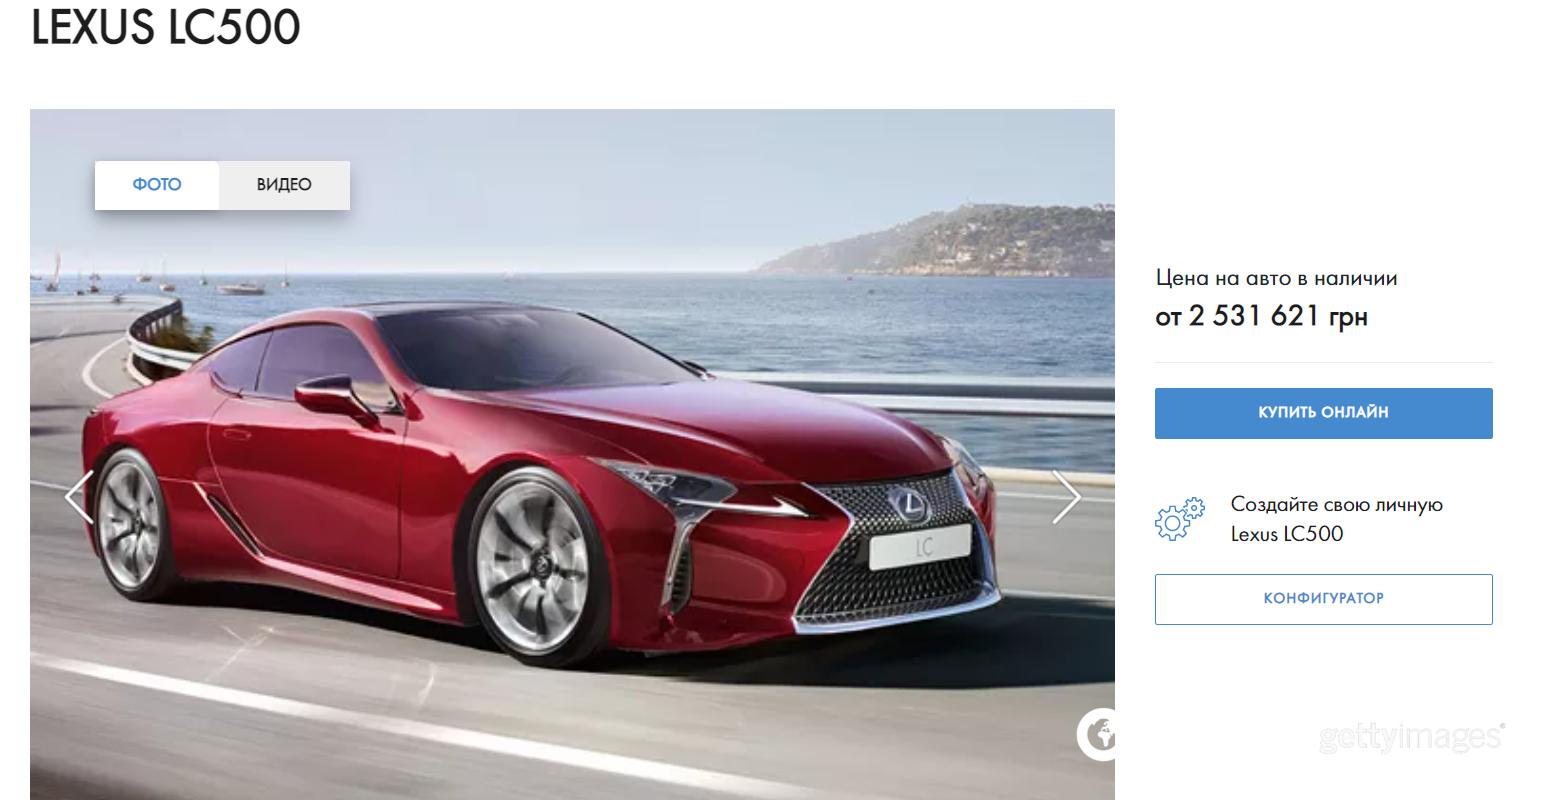 Ціна Lexus LC500 в Україні